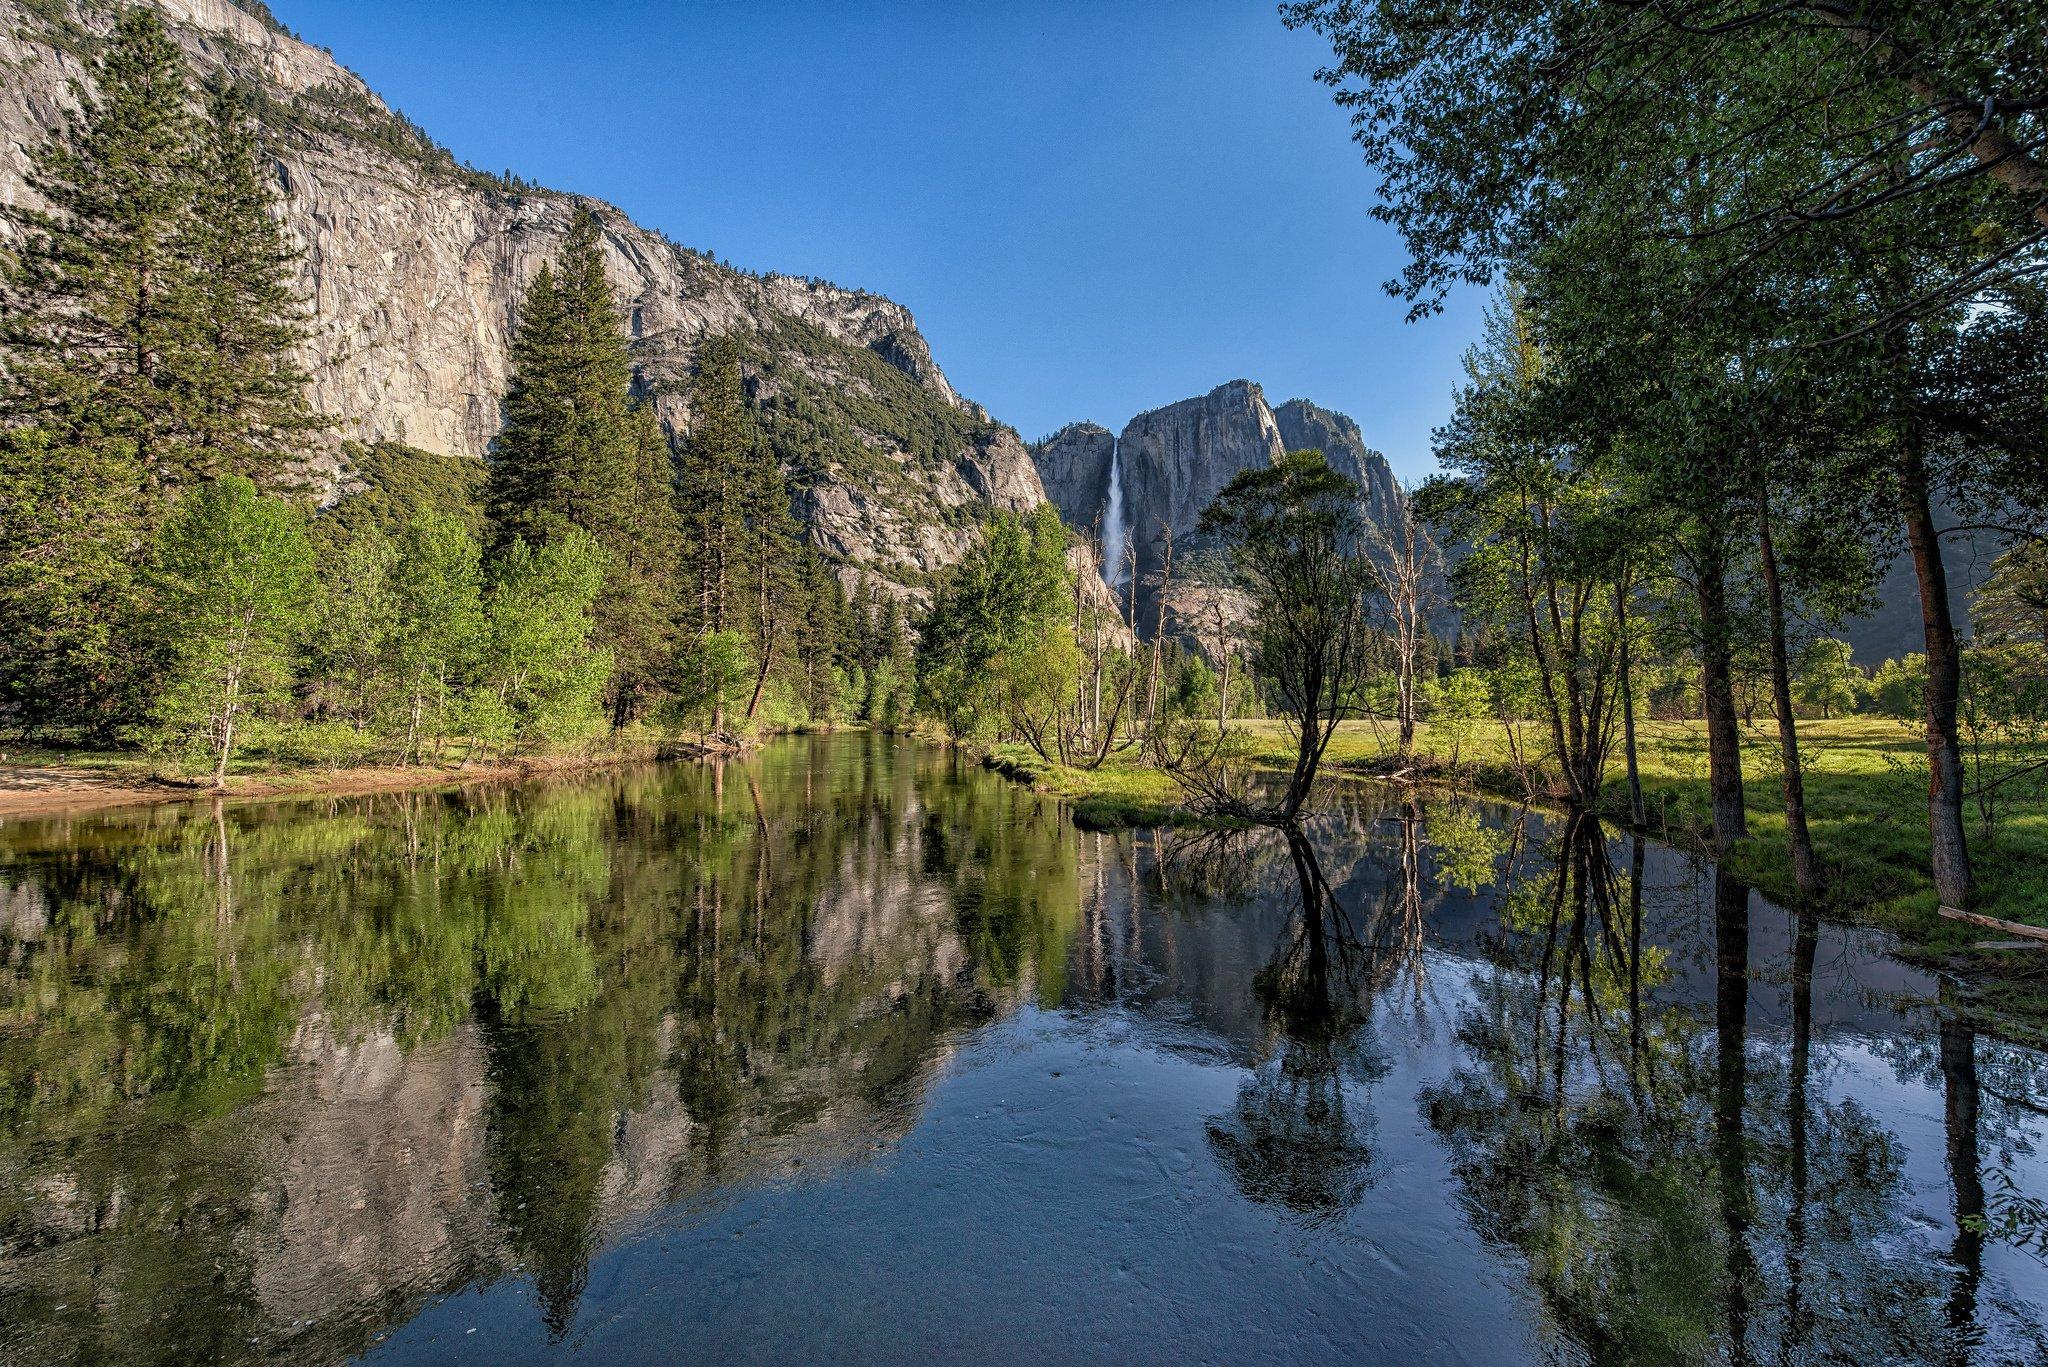 Blog Archive Mac Wallpapers Yosemite Wallpapers for Yosemite Macs 2048x1367